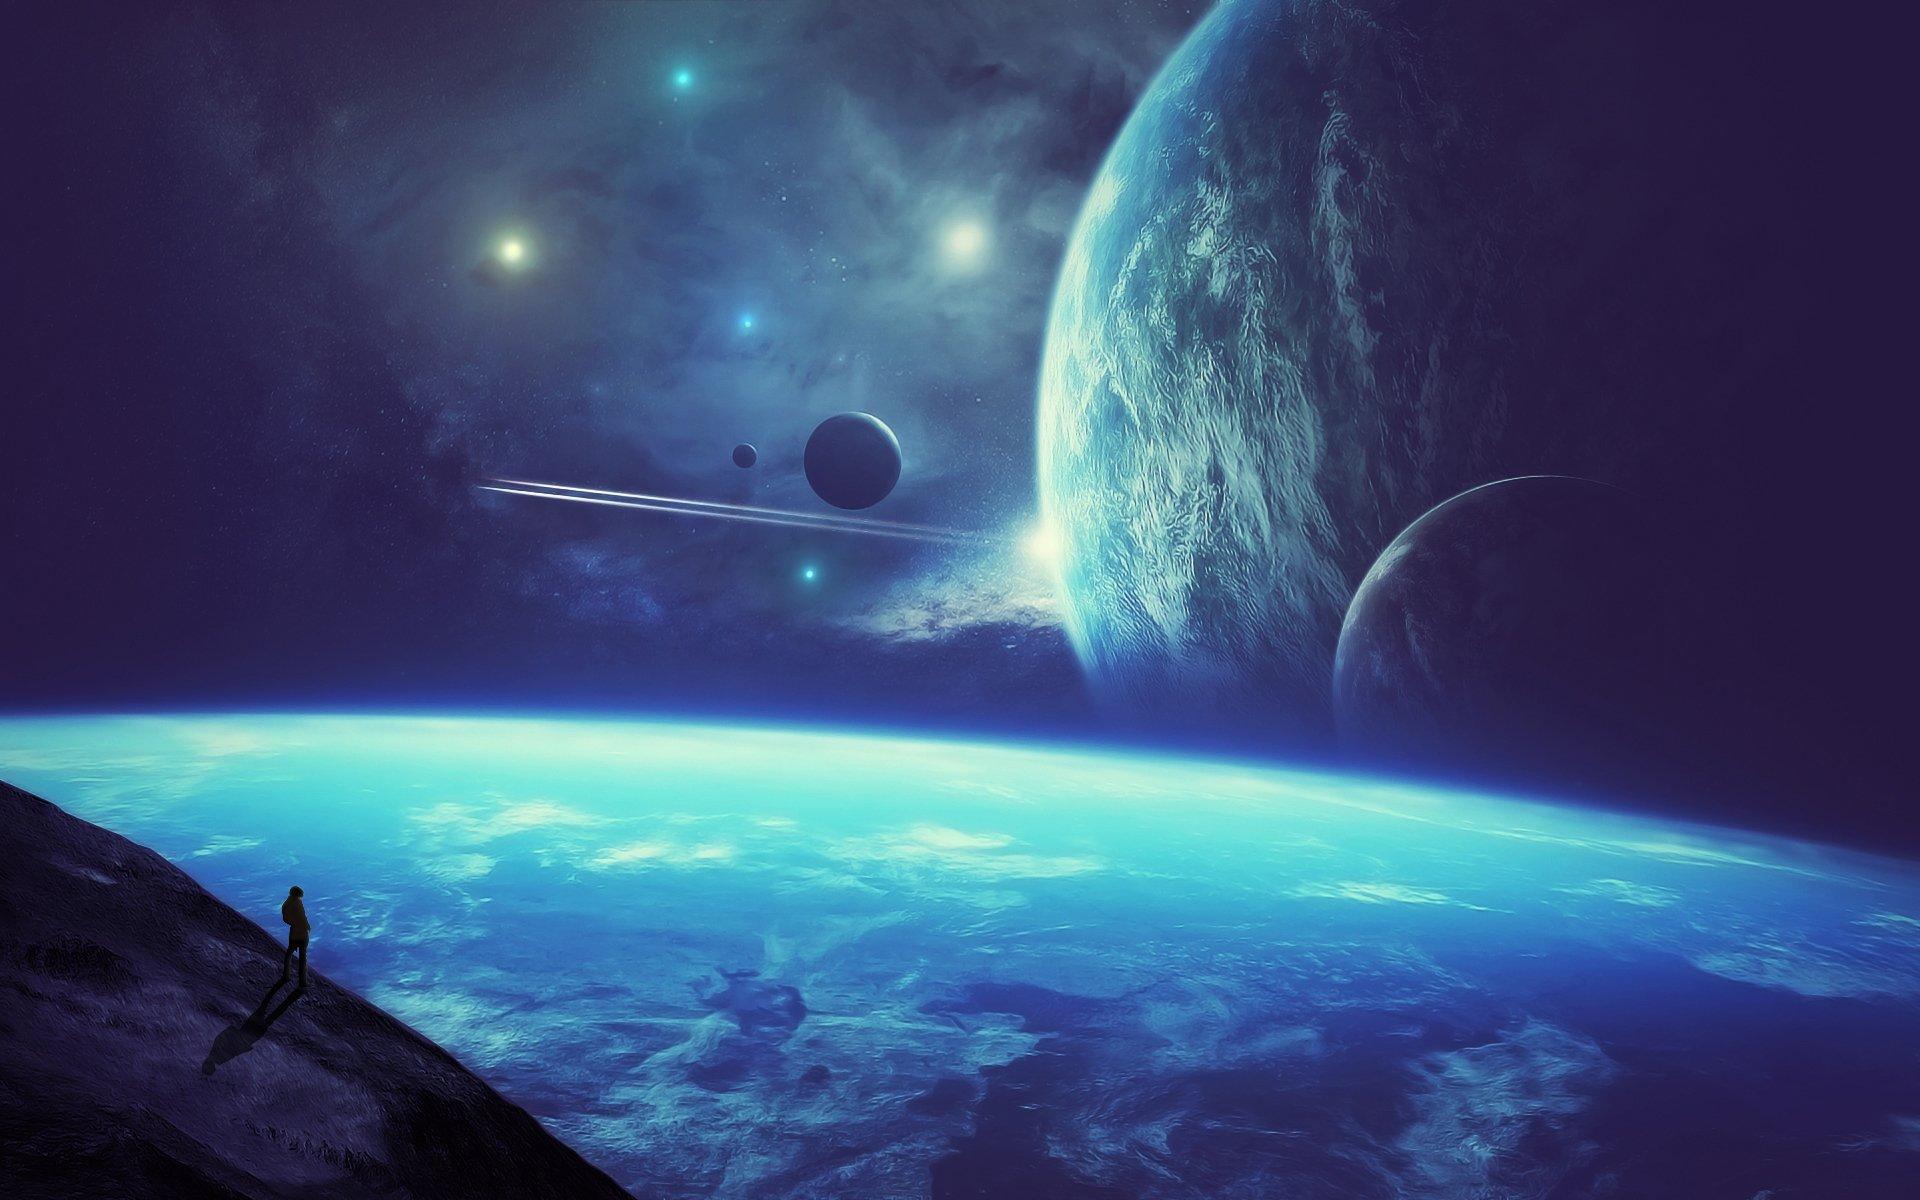 Обои Планеты синие картинки на рабочий стол на тему Космос - скачать  № 1765878 загрузить